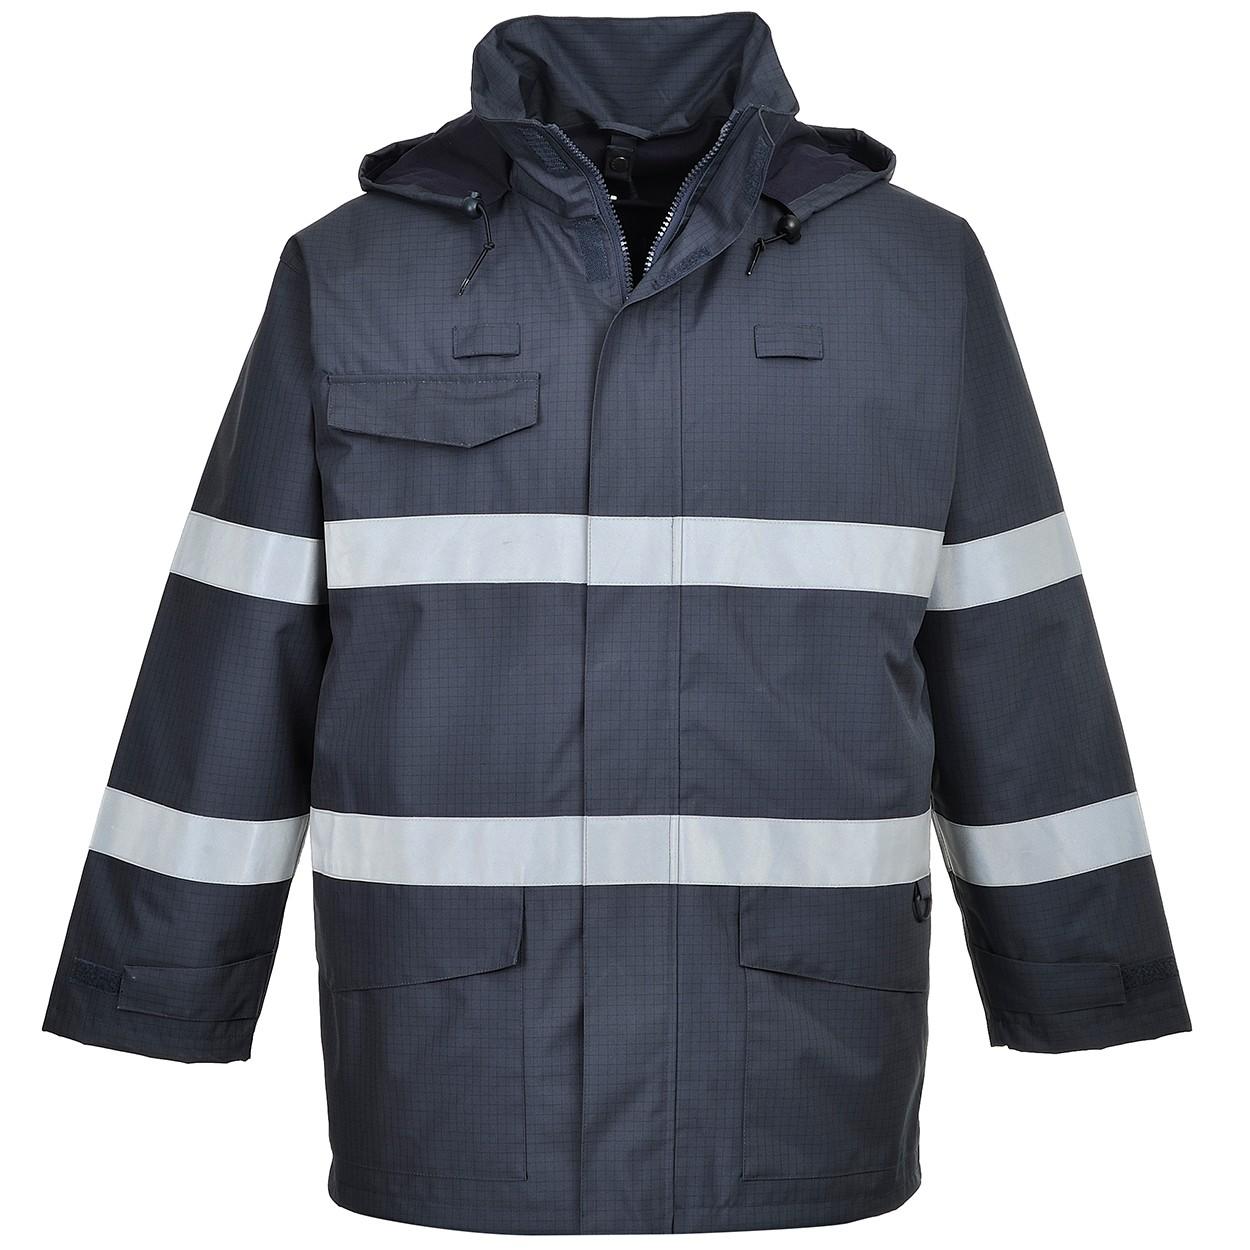 07595fac556a Portwest S770 Bizflame Rain Jacket